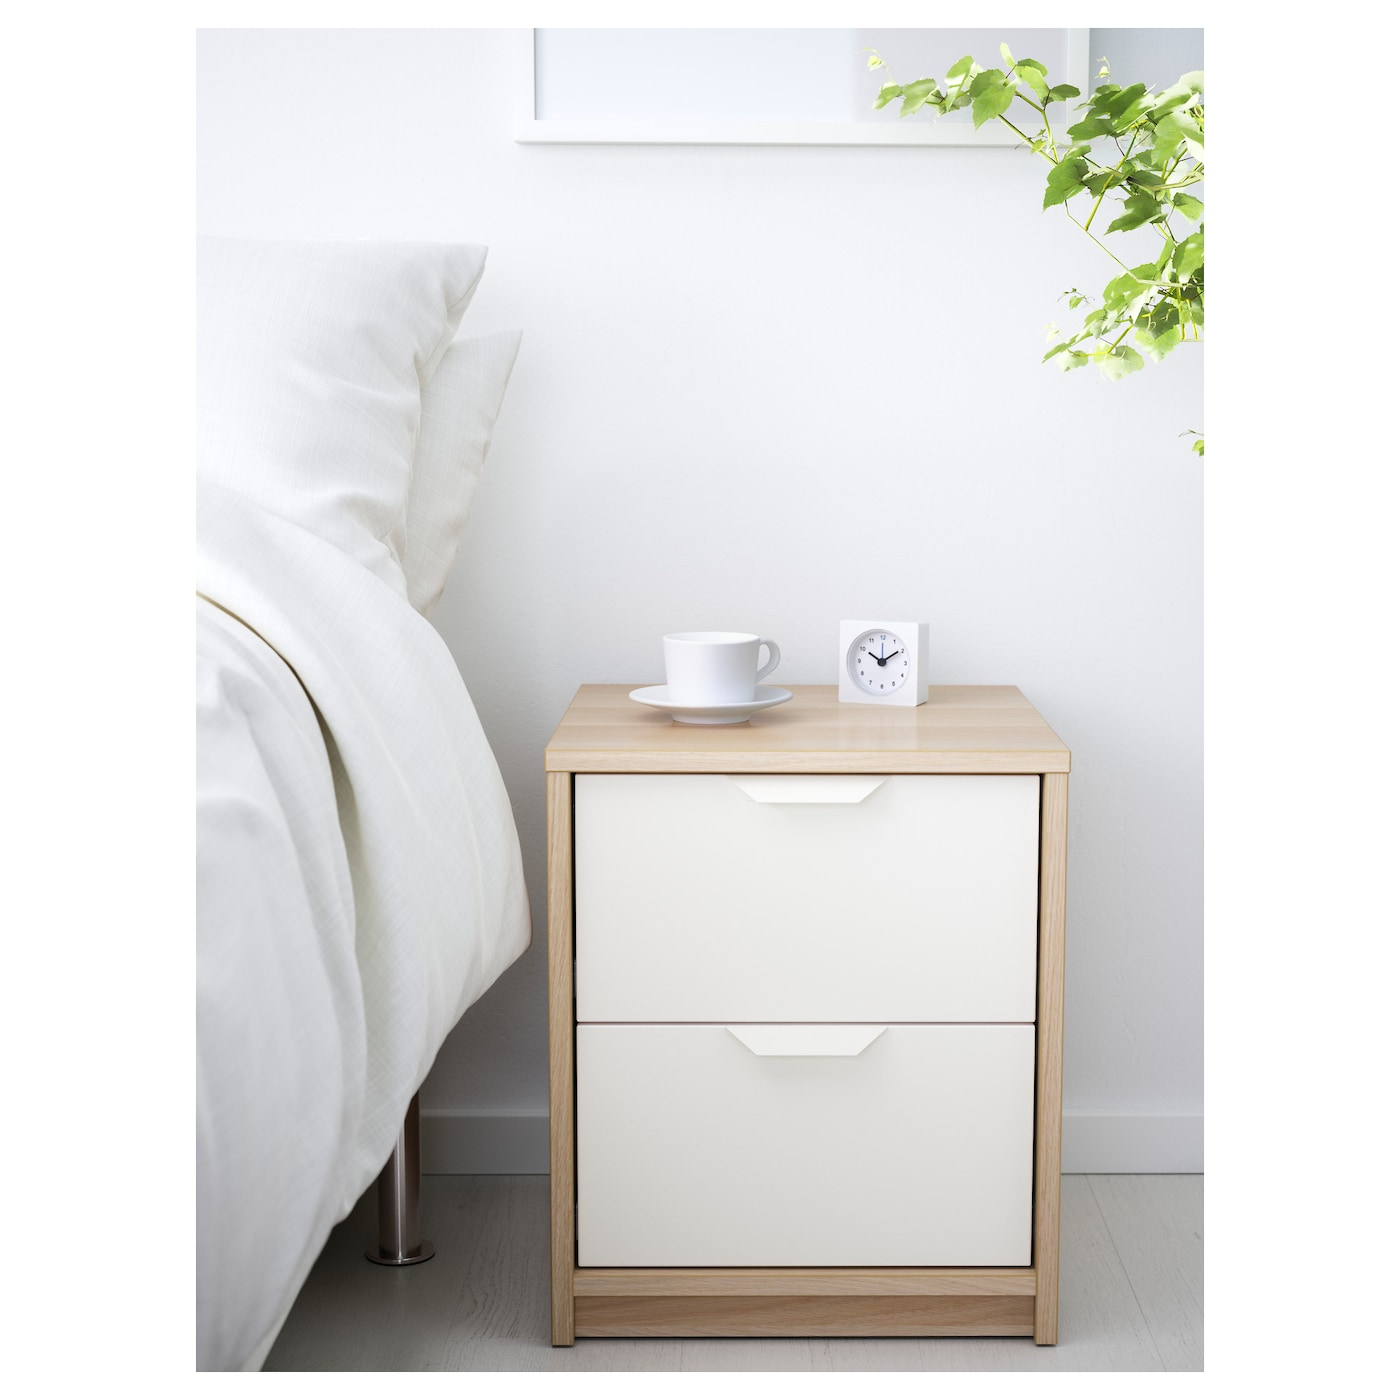 Ikea askvoll